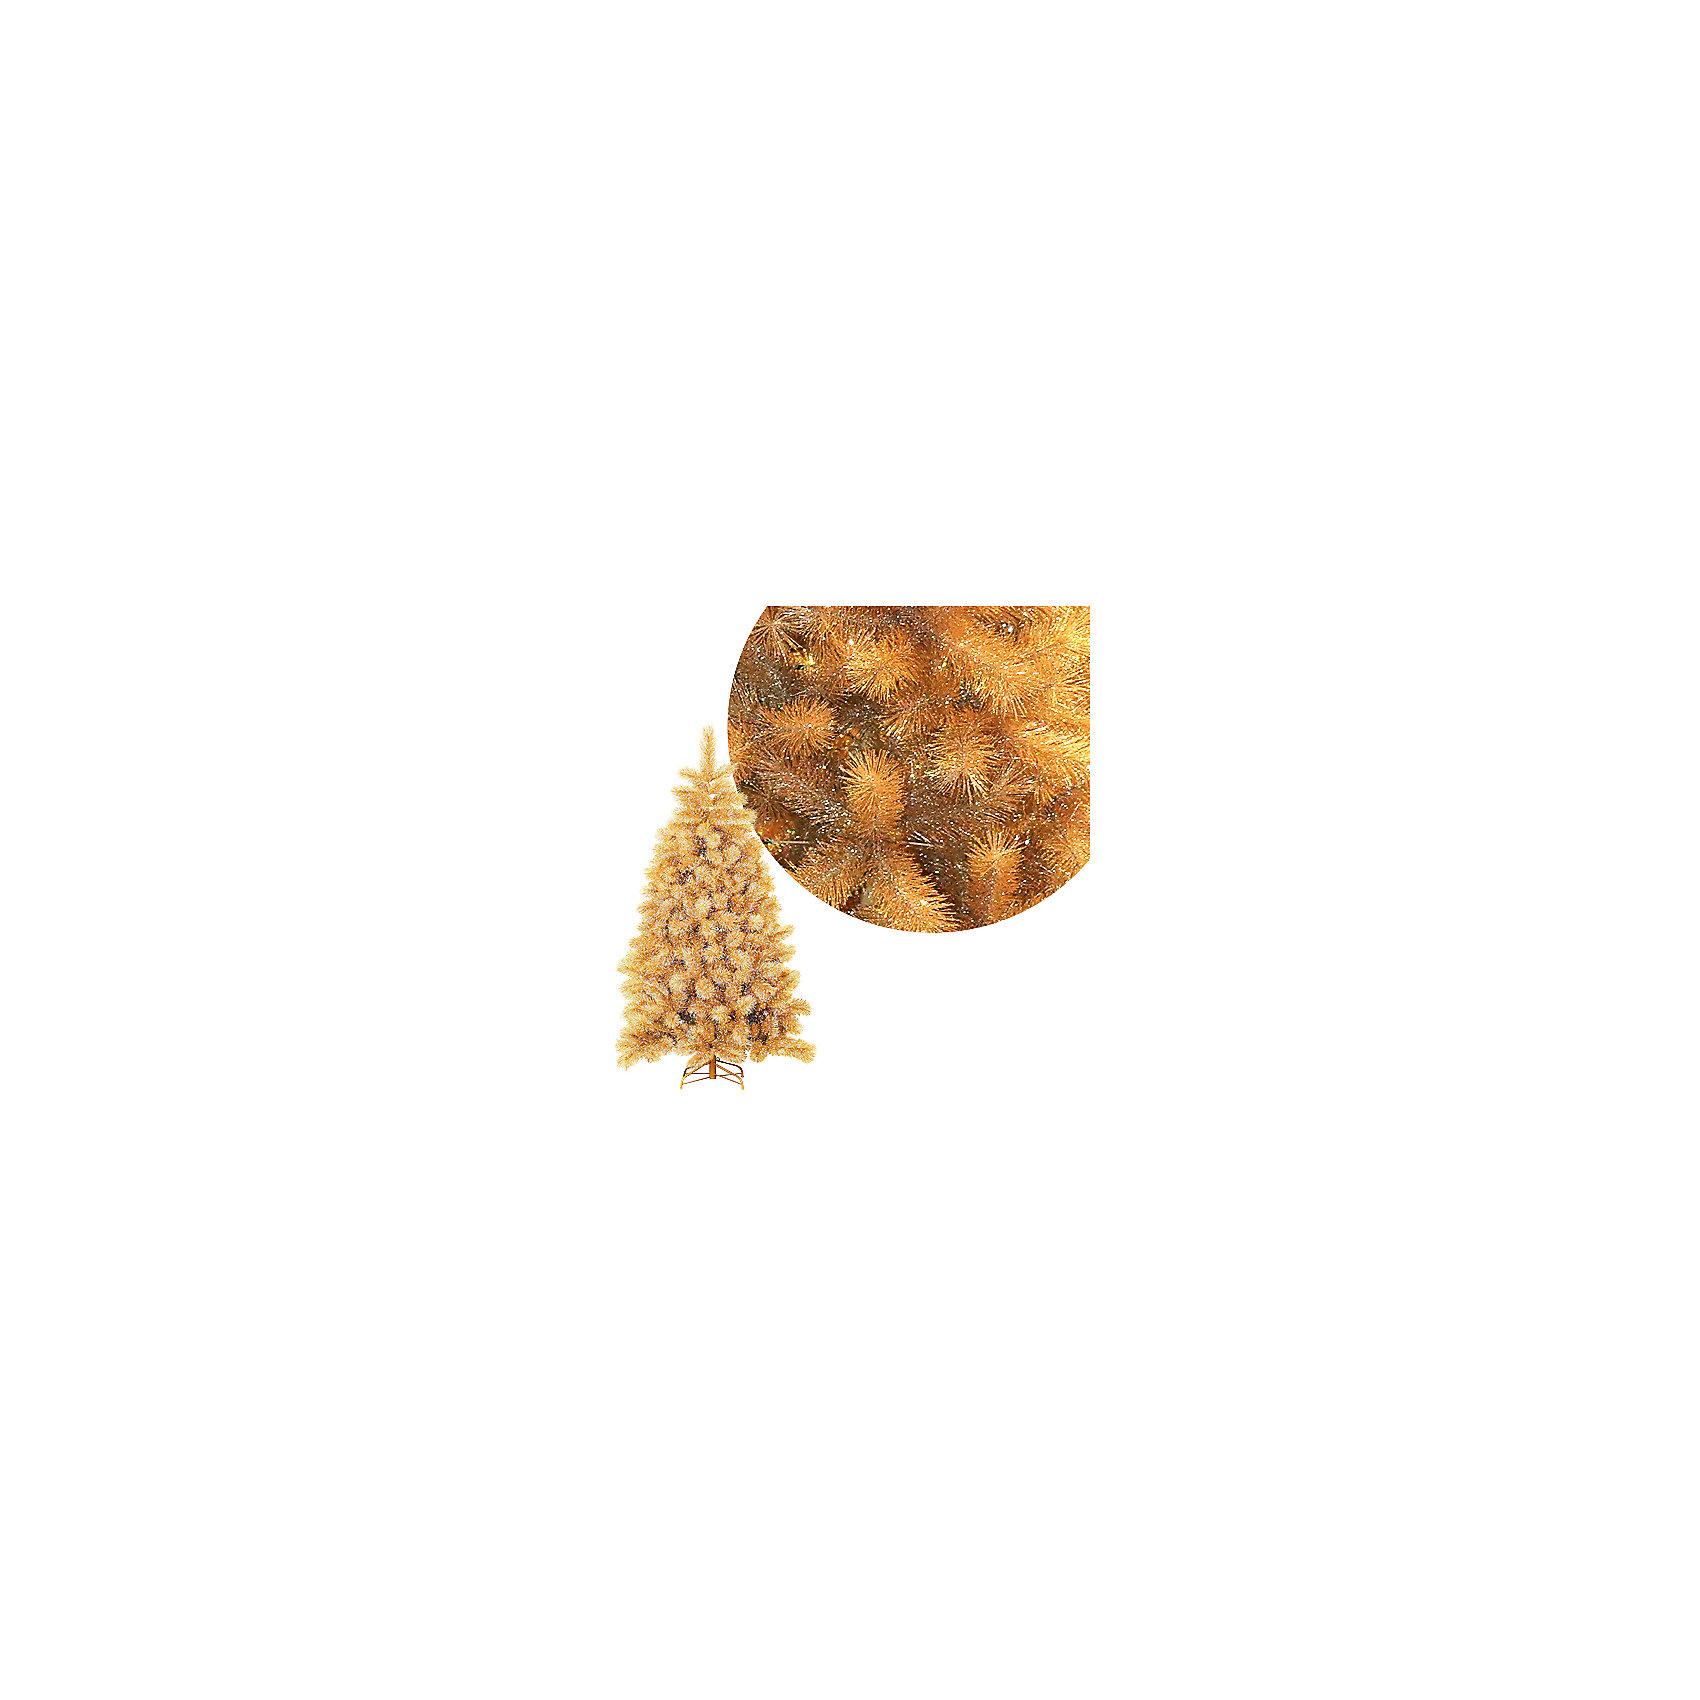 Золотая елка 150 см (240 веток) на металлической подставкеЗолотая елка 150 см (240 веток) на металлической подставке – эта новогодняя ель принесет праздничное настроение в любой дом.<br>Новогодняя золотая ель с пушистыми веточками - настоящая шикарная лесная красавица! Искусственная елочка будет достойным декоративным украшением любого помещения! Стоит только собрать секции, распрямить ветви и распушить их. Такая конструкция является самой долговечной и удобной, а сборка и установка ели не отнимает много времени и сил.<br><br>Дополнительная информация:<br><br>- Высота: 150 см.<br>- Количество веток: 240<br>- Прочное металлическое основание<br>- Размер упаковки: 14х16х95 см.<br>- Вес: 2 кг.<br><br>Золотую елку 150 см (240 веток) на металлической подставке можно купить в нашем интернет-магазине.<br><br>Ширина мм: 140<br>Глубина мм: 160<br>Высота мм: 950<br>Вес г: 2000<br>Возраст от месяцев: 36<br>Возраст до месяцев: 2147483647<br>Пол: Унисекс<br>Возраст: Детский<br>SKU: 4437441